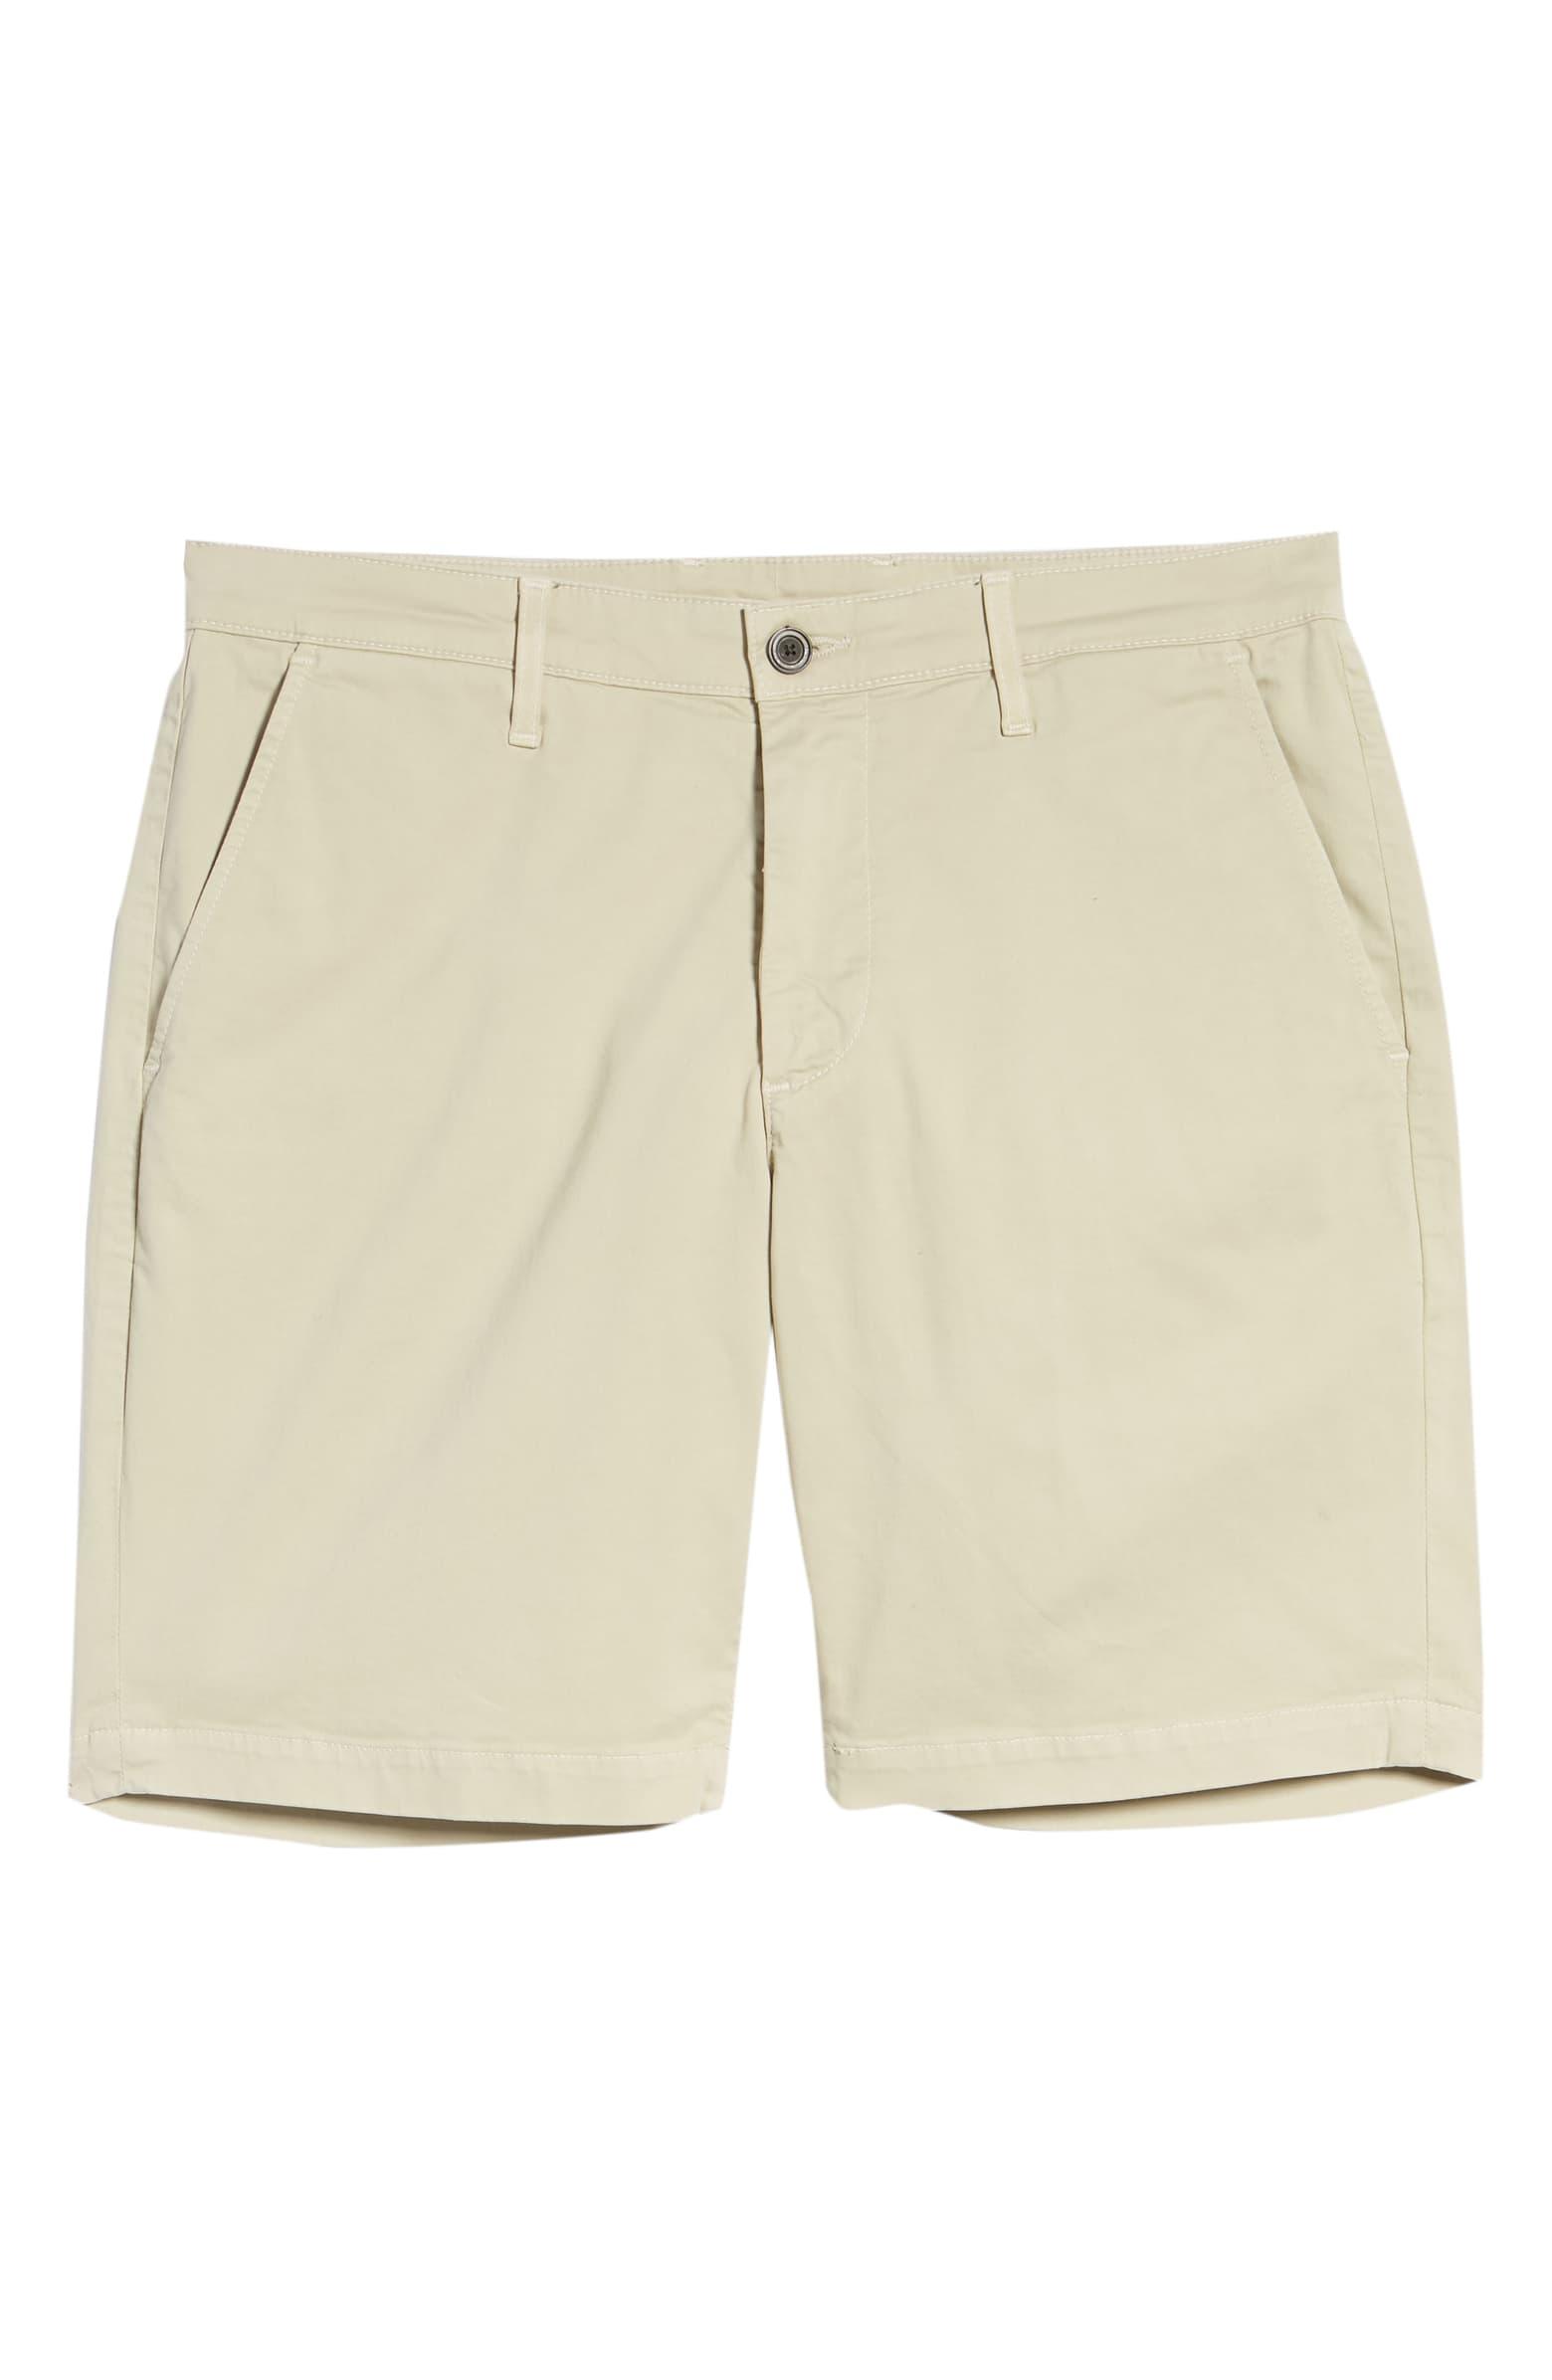 AG khaki shorts.jpeg